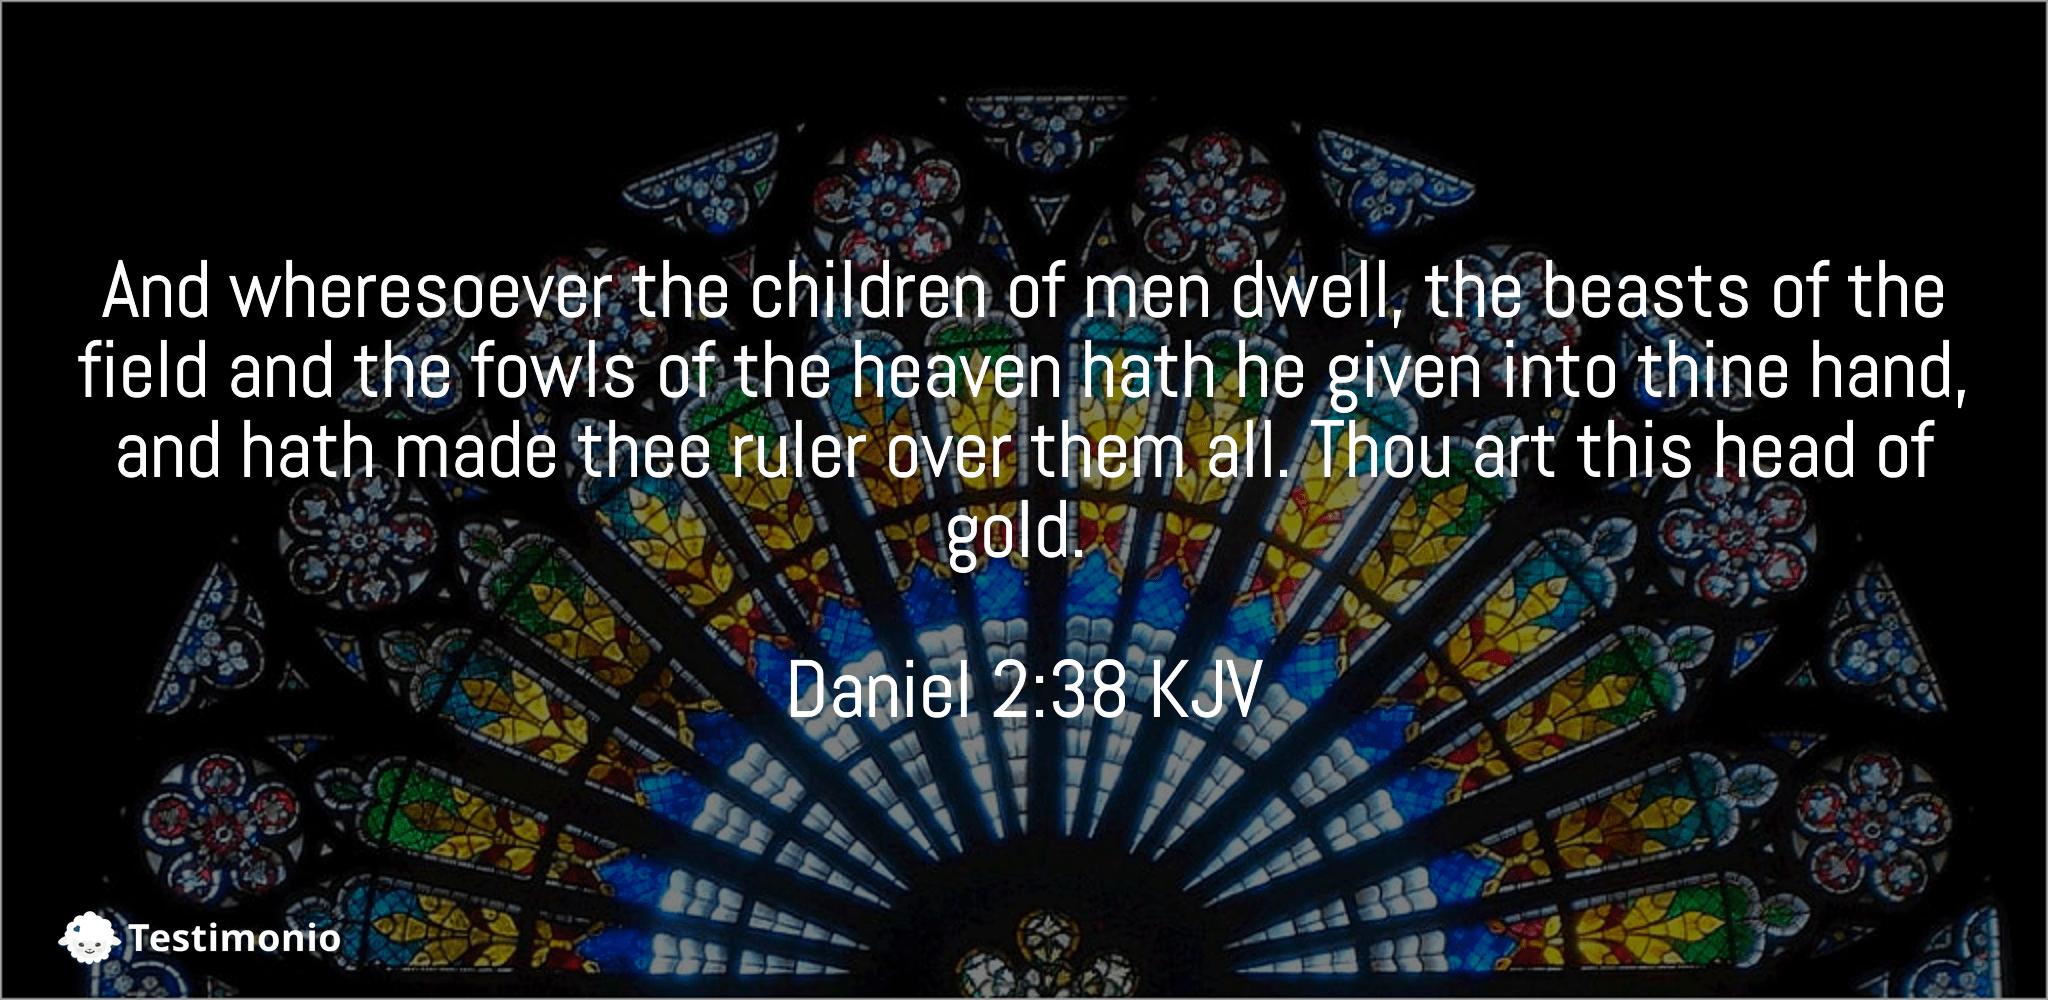 Daniel 2:38